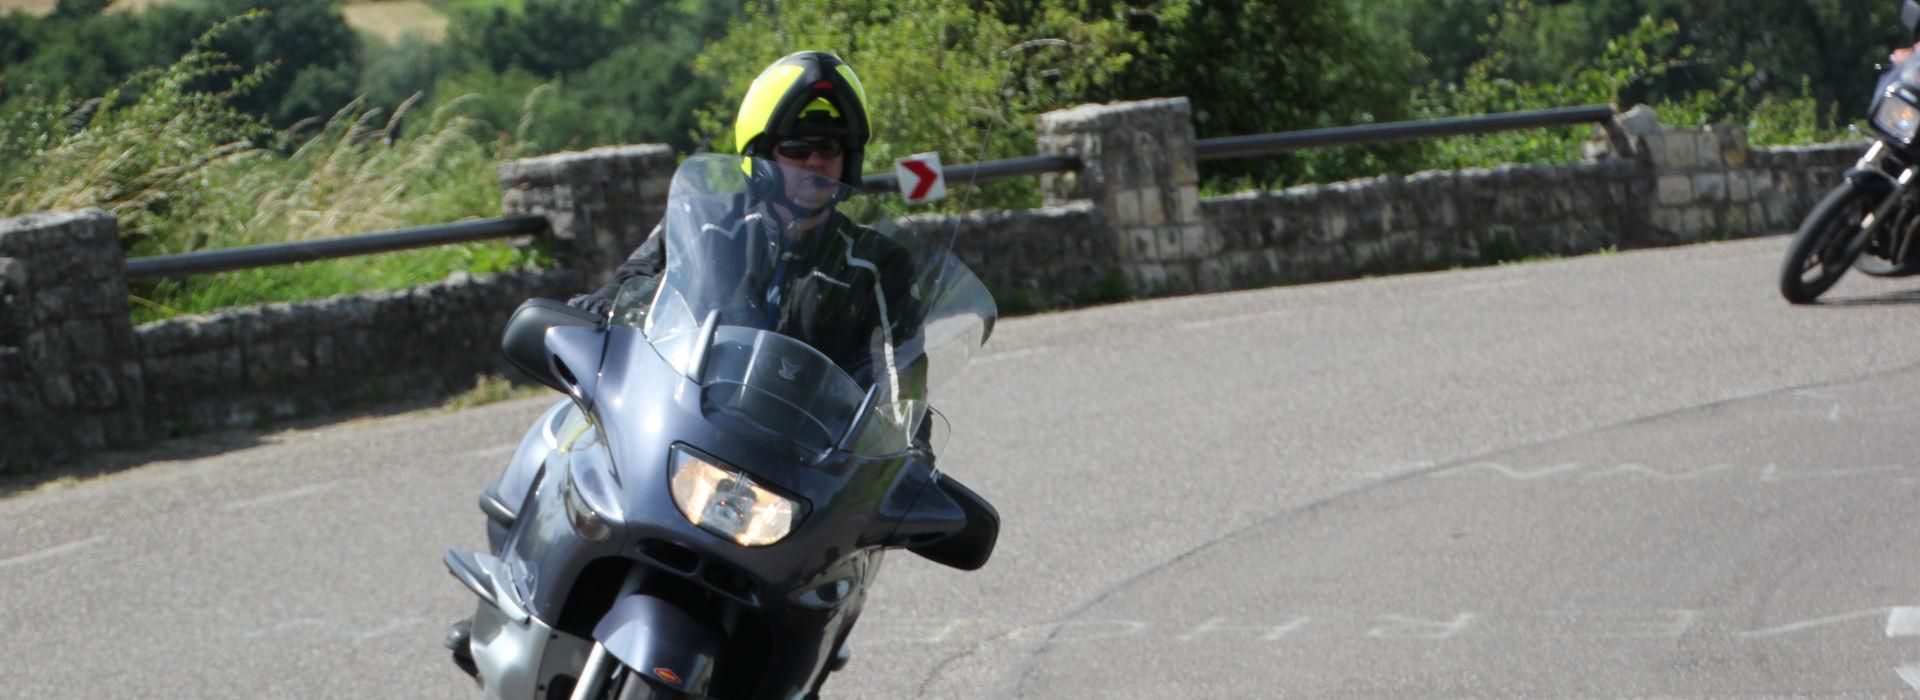 Motorrijbewijspoint Yerseke snel motorrijbewijs halen